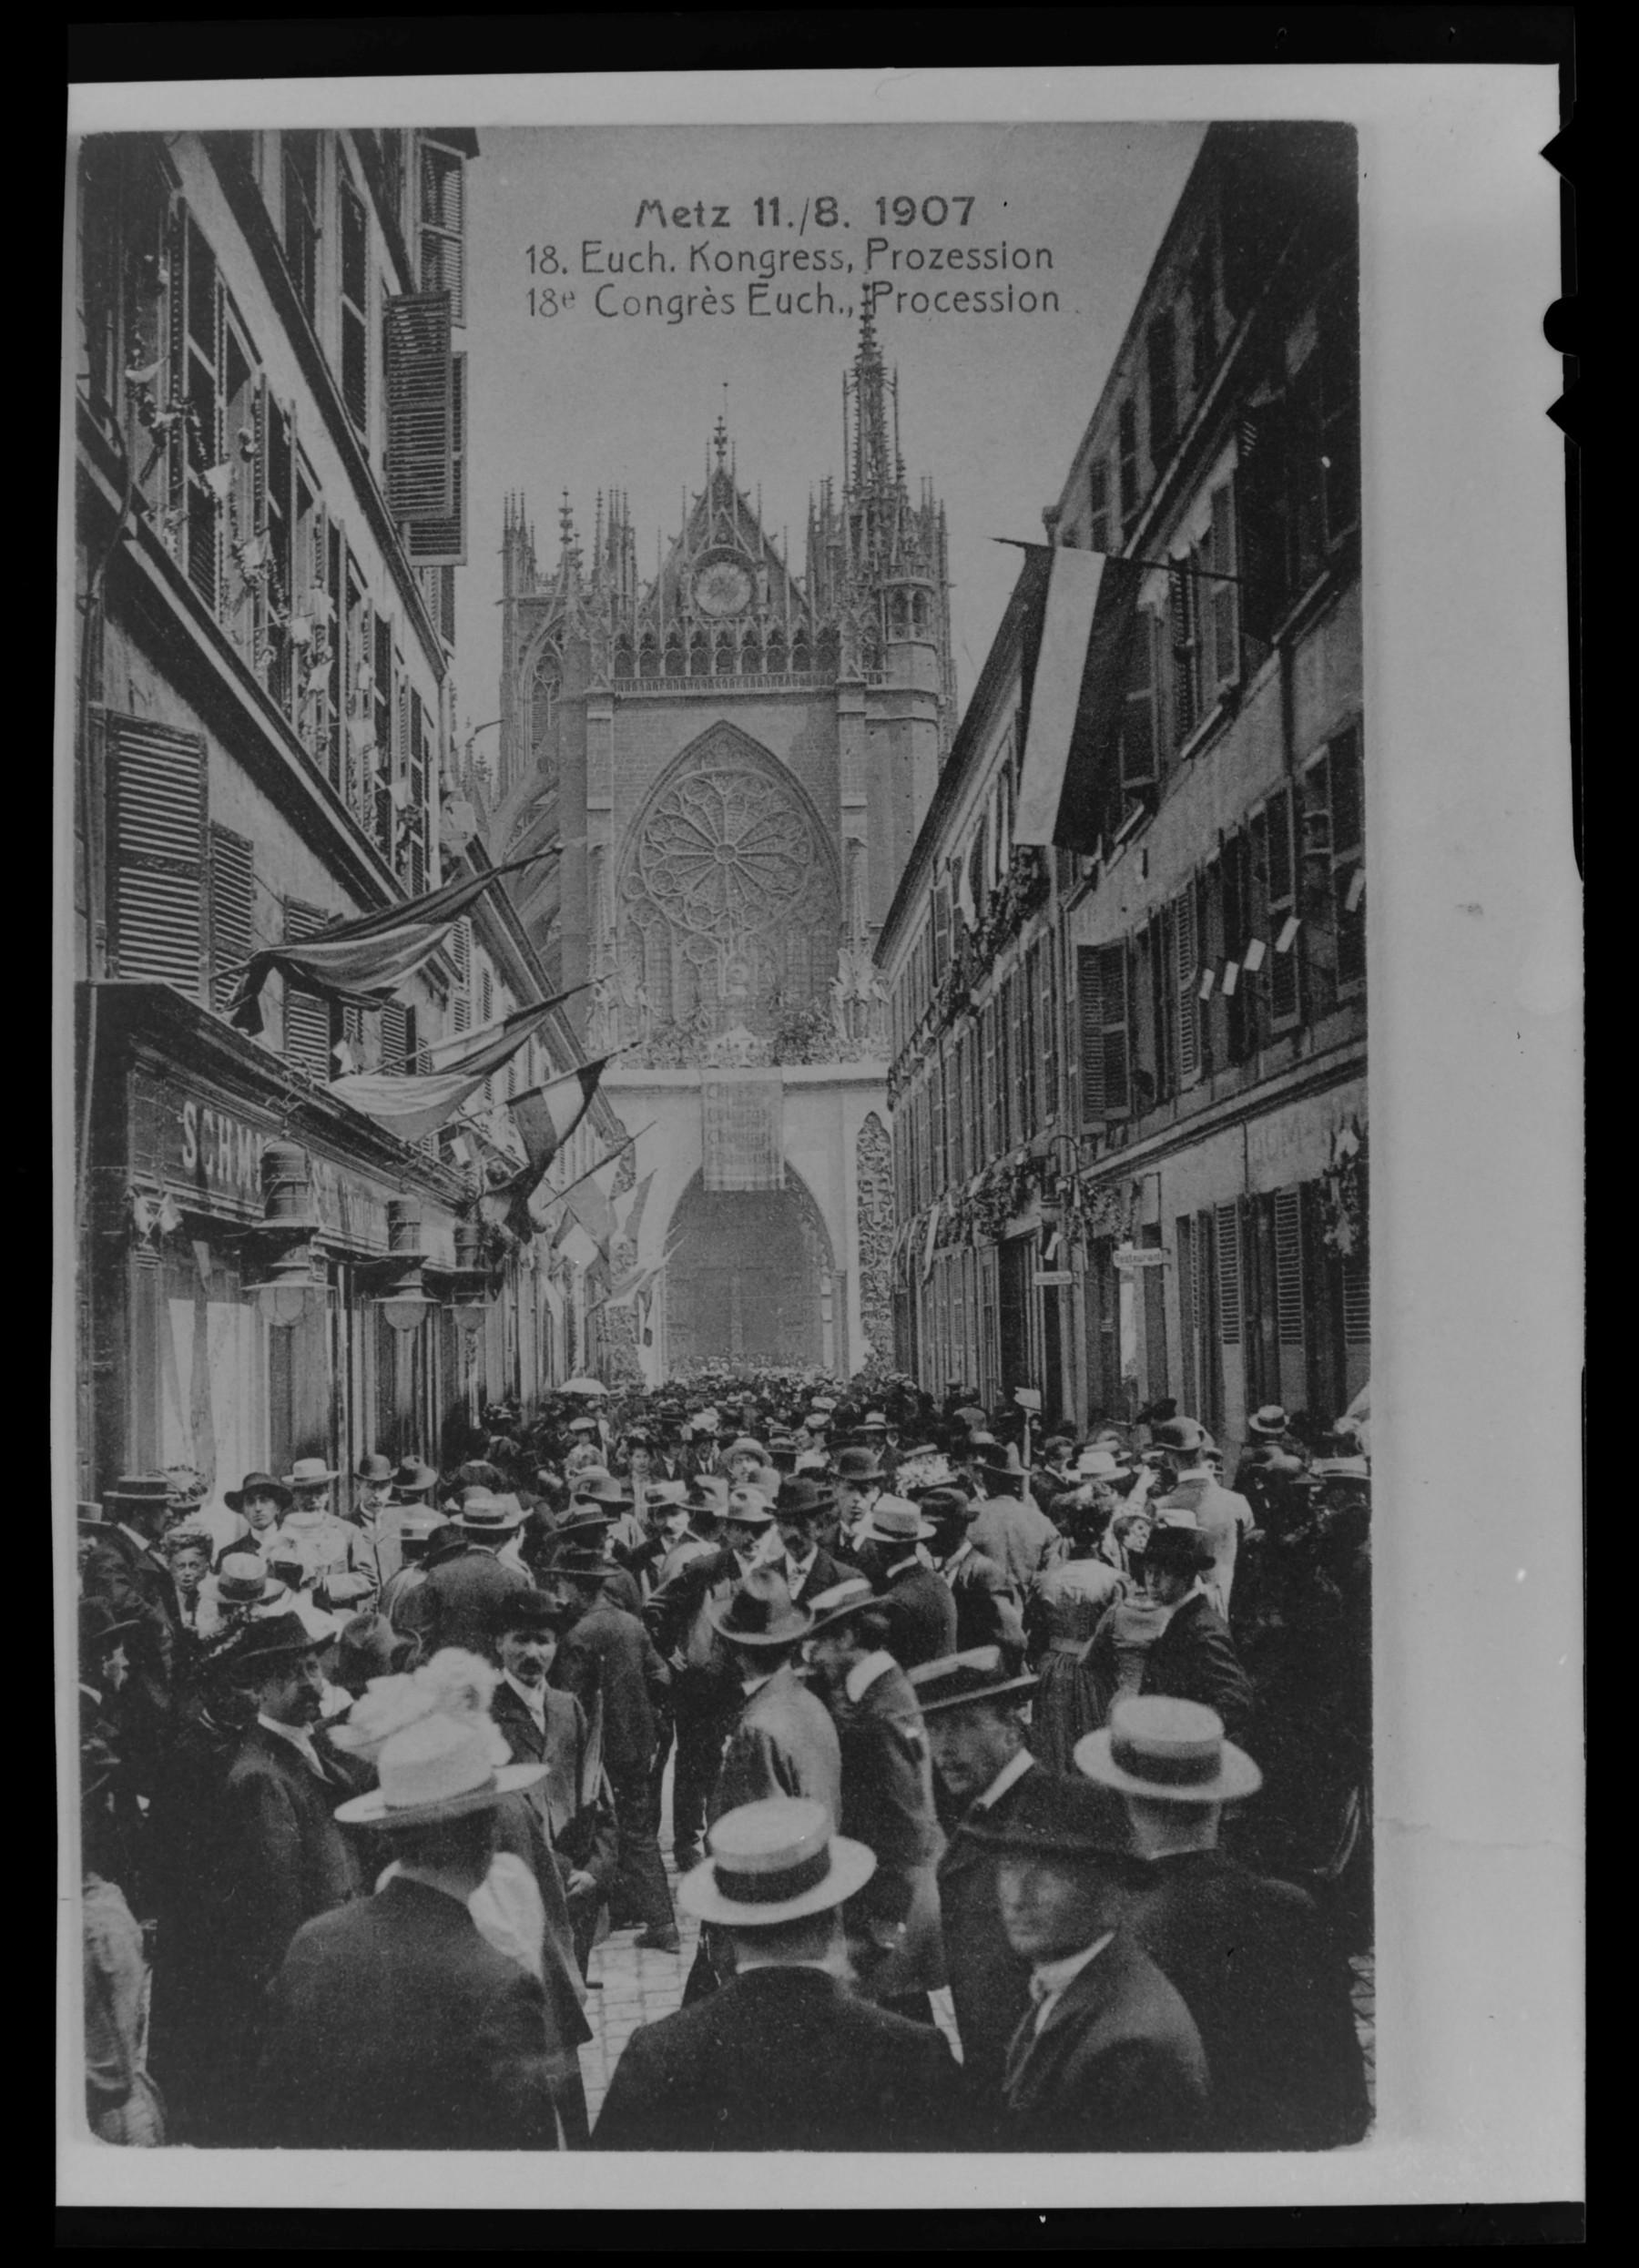 Contenu du Vue de la cathédrale Saint-Étienne depuis la place de la cathédrale lors du congrès eucharistique